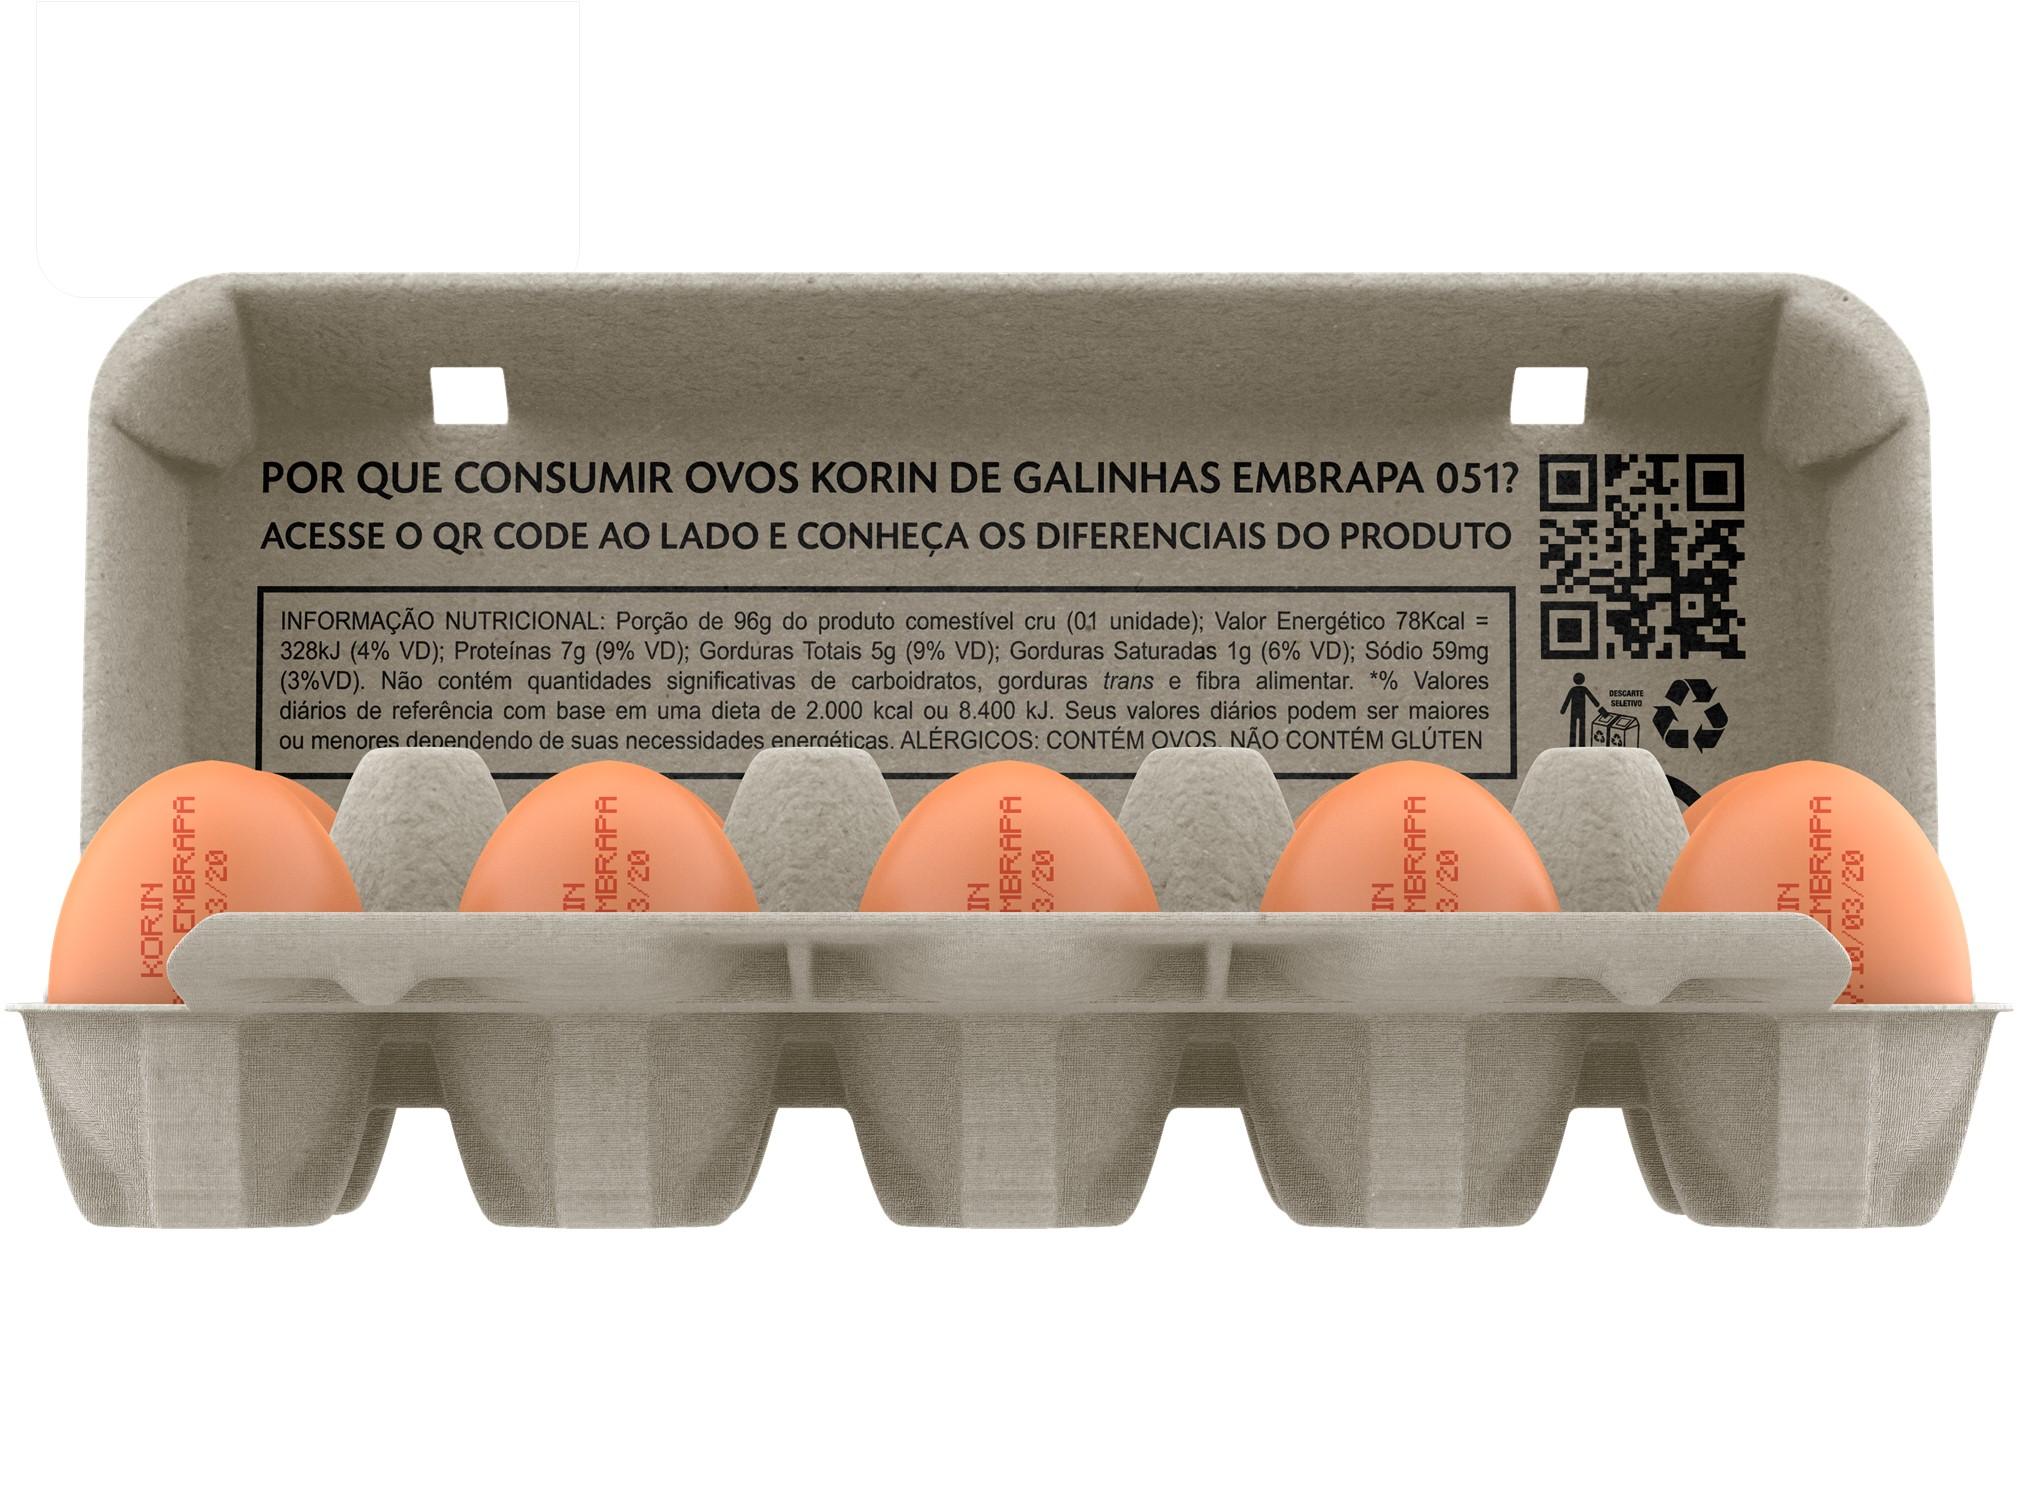 Ovos caipira Korin-Embrapa são oficialmente lançados em matéria do jornal Valor Econômico